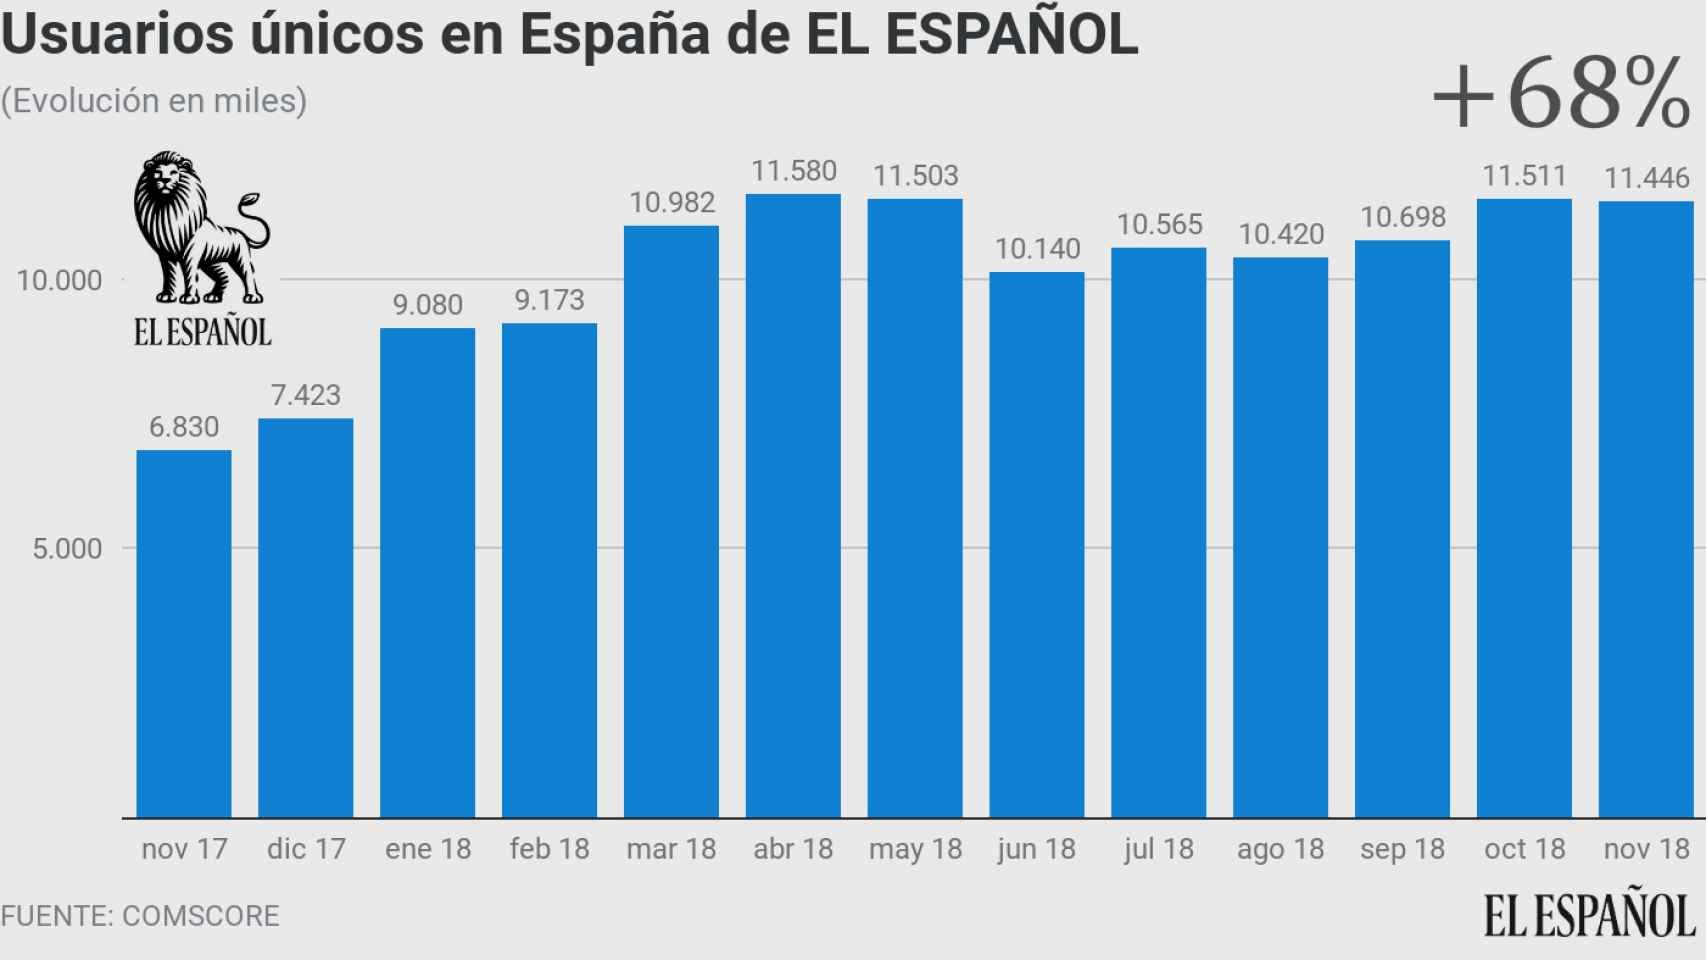 Evolución anual de las cifras de Comscore de EL ESPAÑOL.